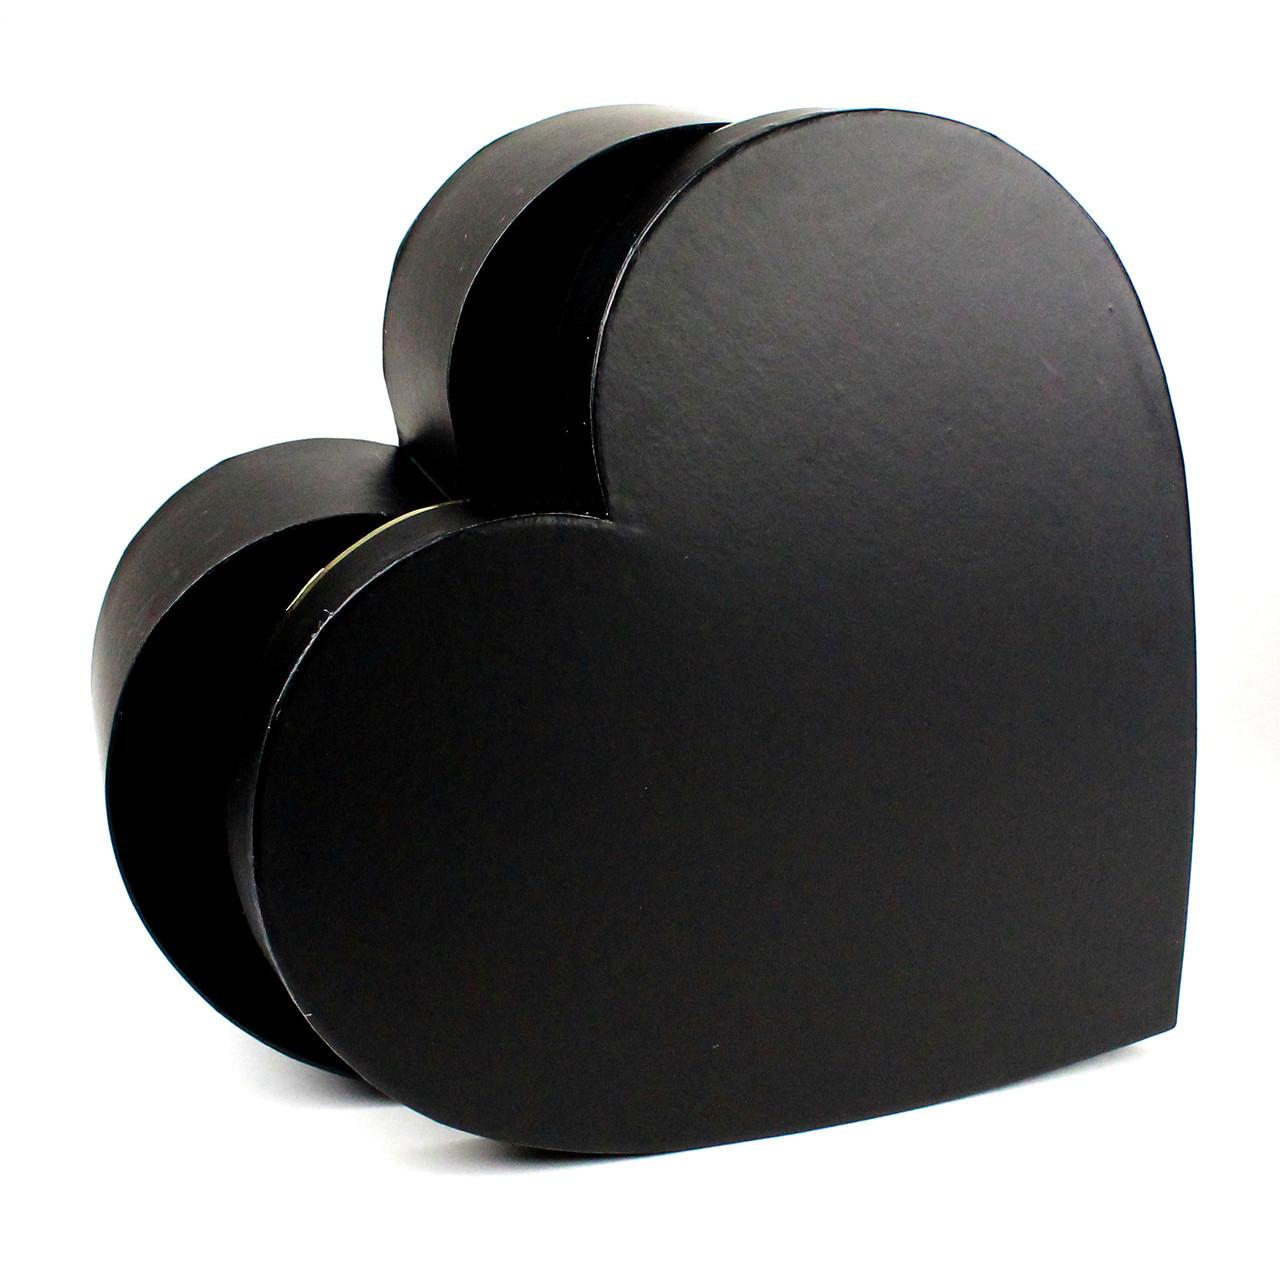 Подарочная коробка Сердце чёрная с золотом 26 x 25.2 x 9.5 см